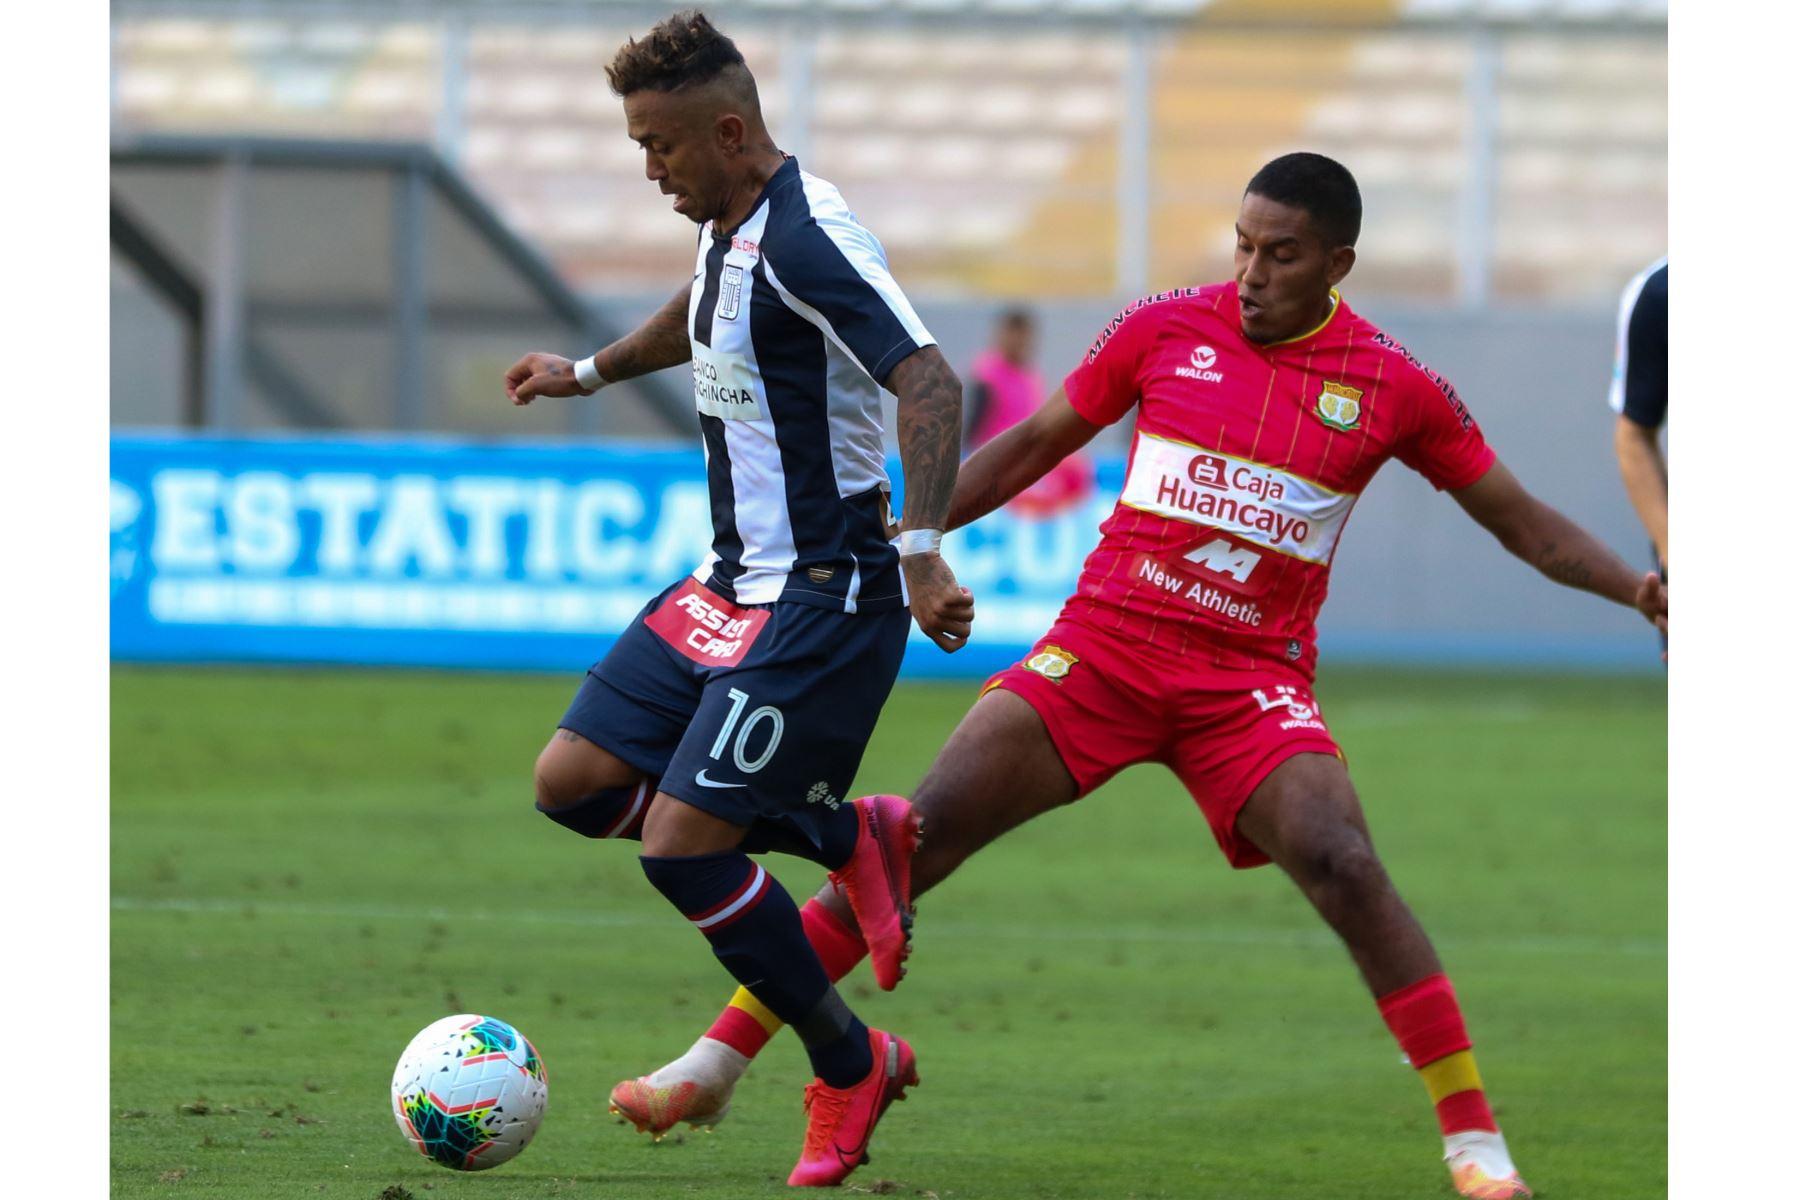 El futbolista  Joazinho Arroé  de  Alianza Lima, disputa la pelota con el jugador de   Sport Huancayo  durante el partido de la fase 2 por la fecha 9 de la Liga 1 , en el Estadio Nacional.   Foto: @LigaFutProfdel